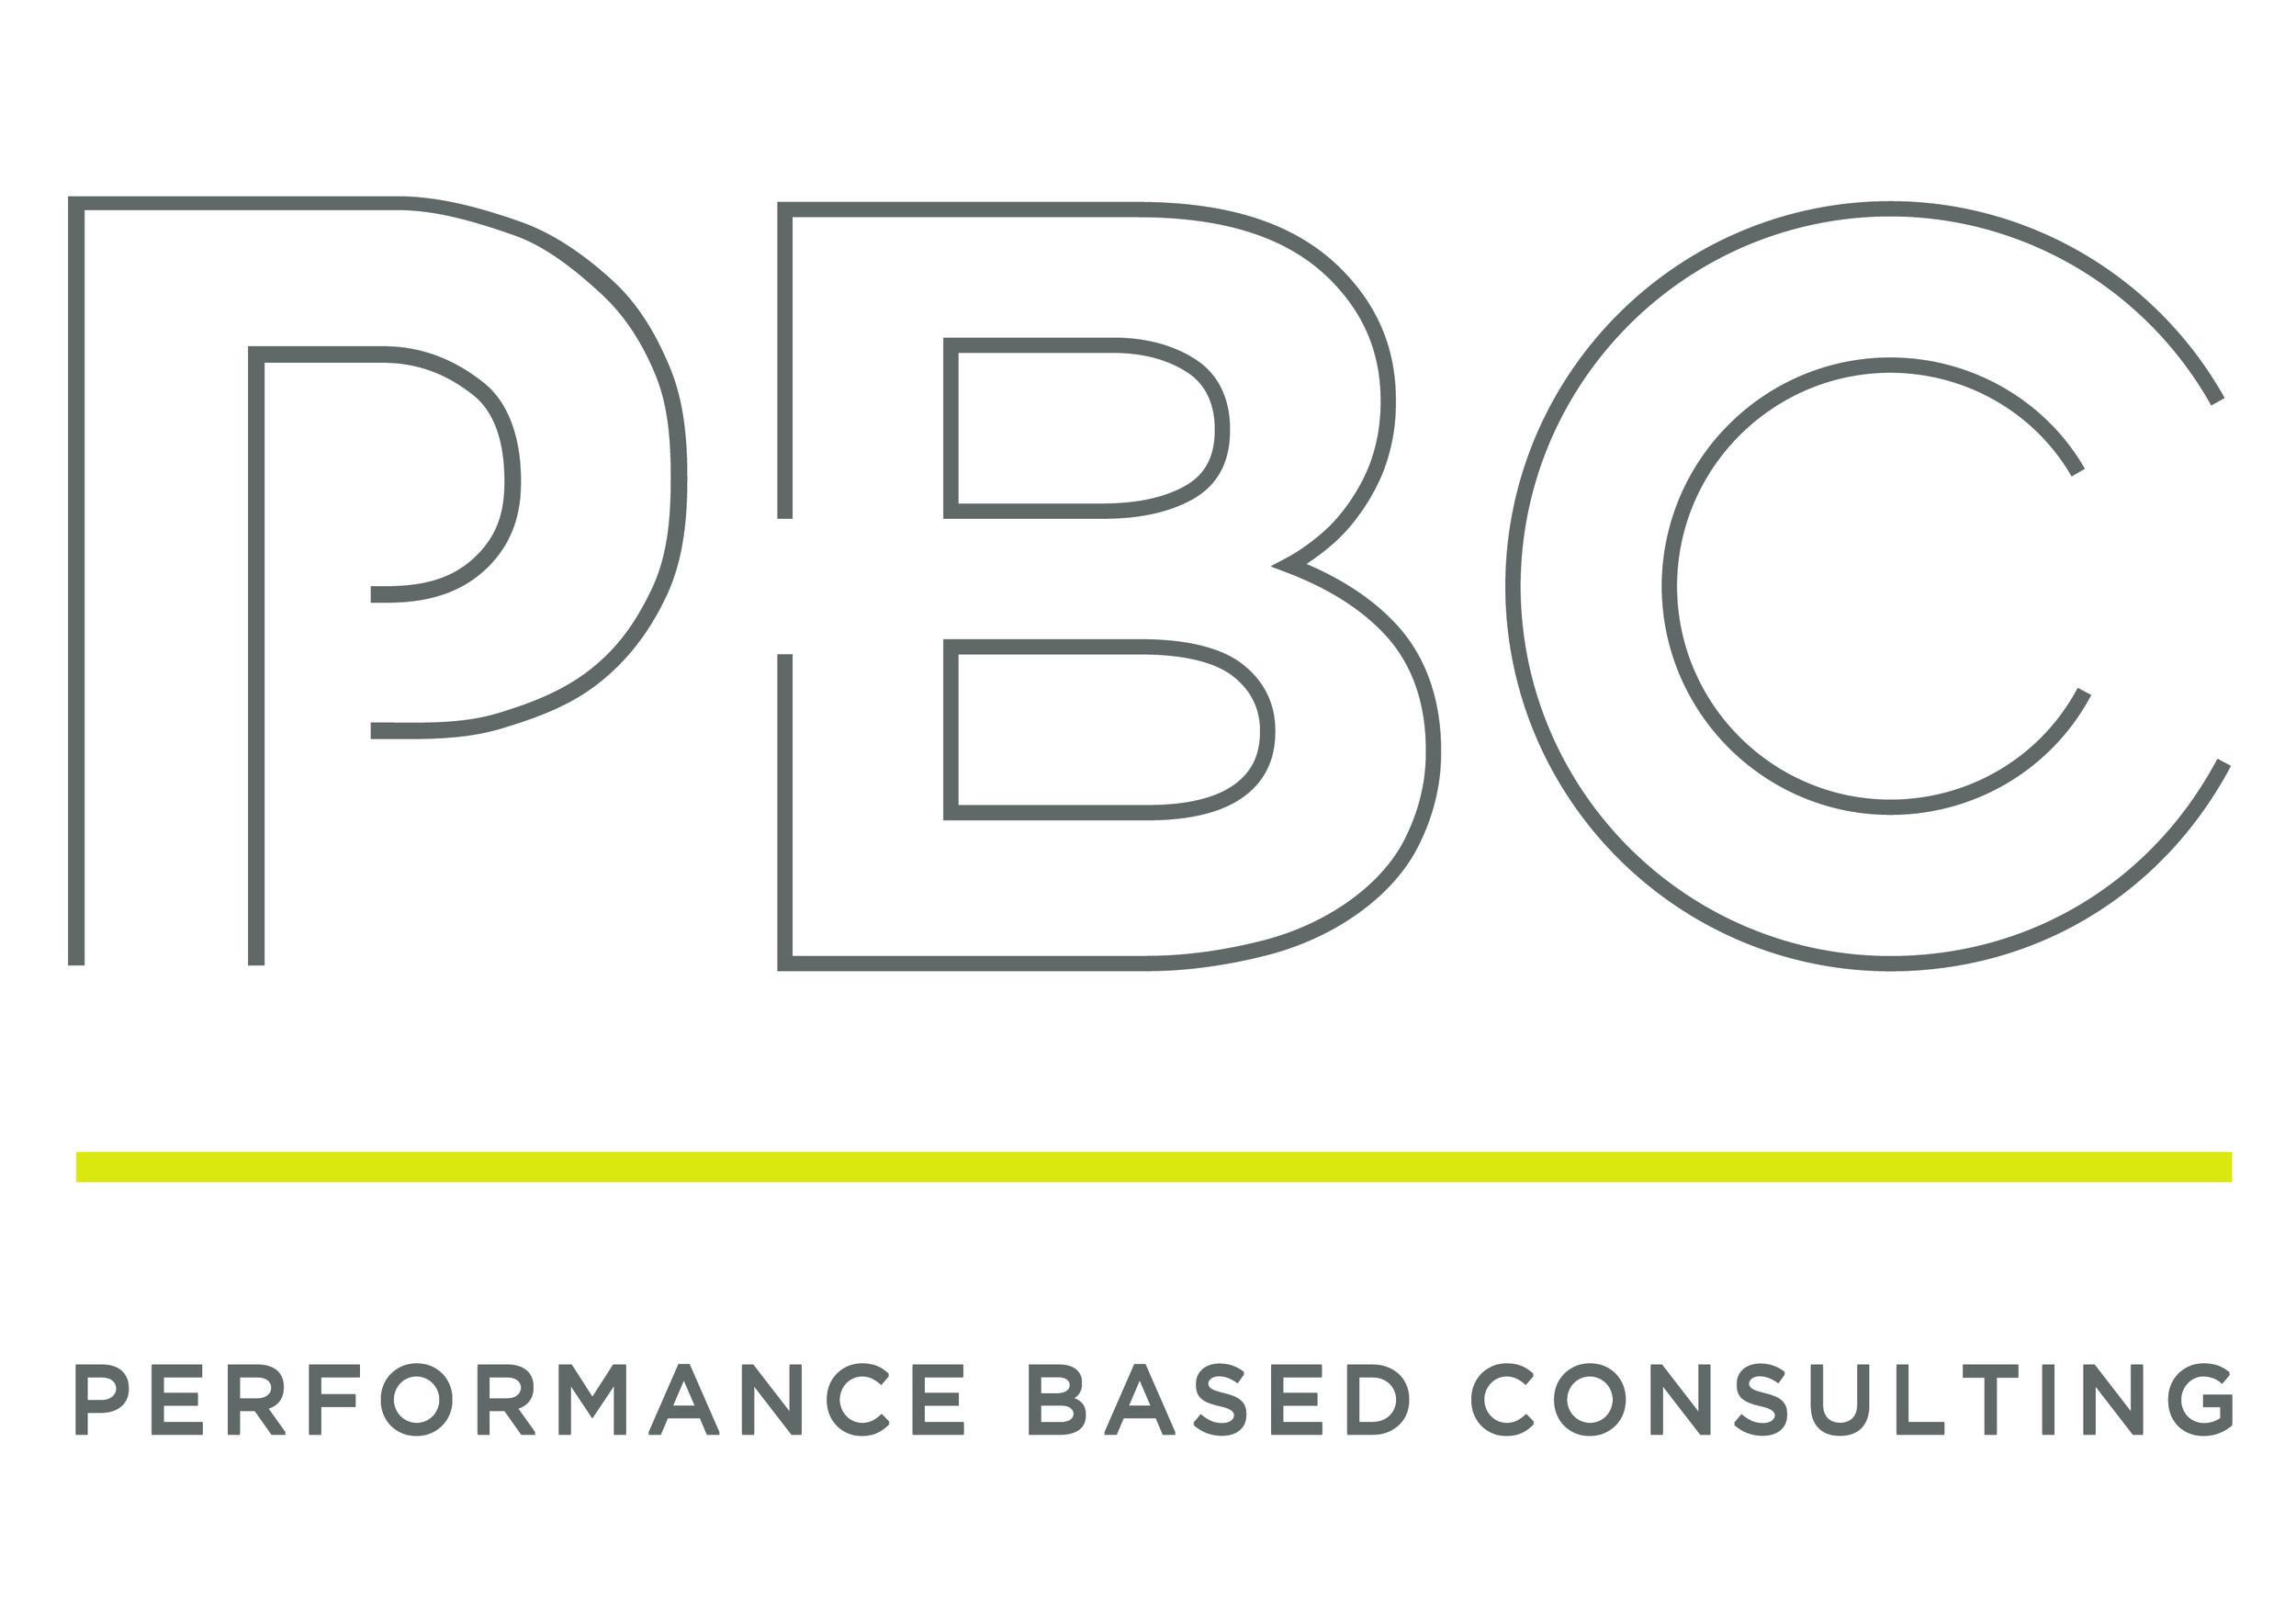 PBC_JPG_FullLogo_white back.jpg